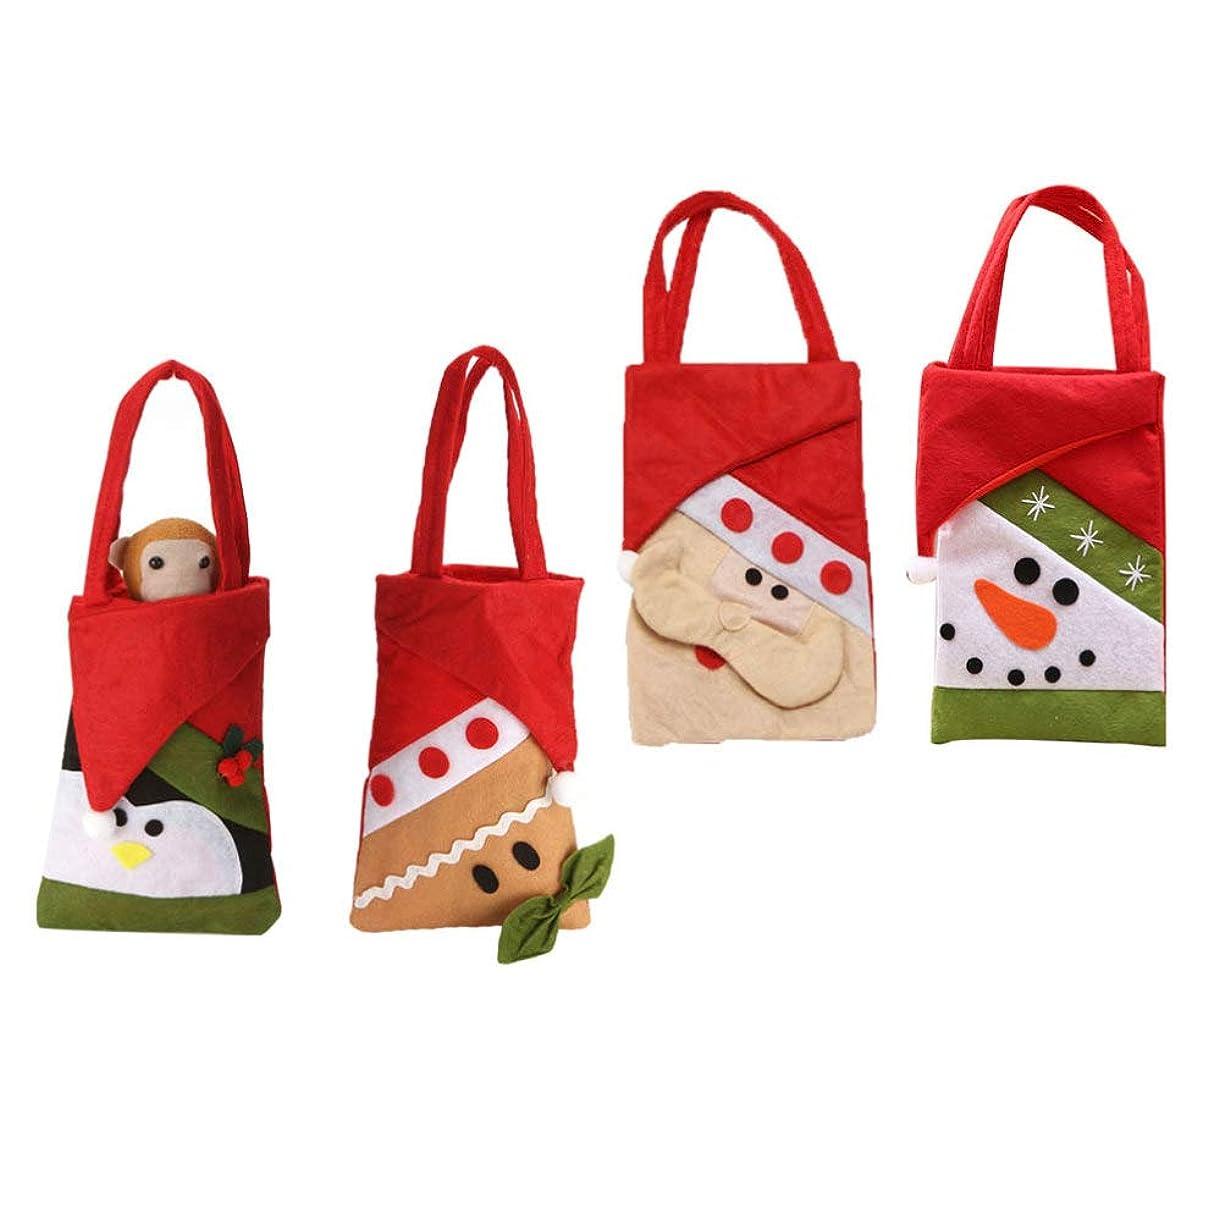 俳優が欲しいベリSUPVOX 4ピースクリスマストートバッグクリスマス要素布ギフトバッグキャンディートリートバッグクリスマスパーティーの好意